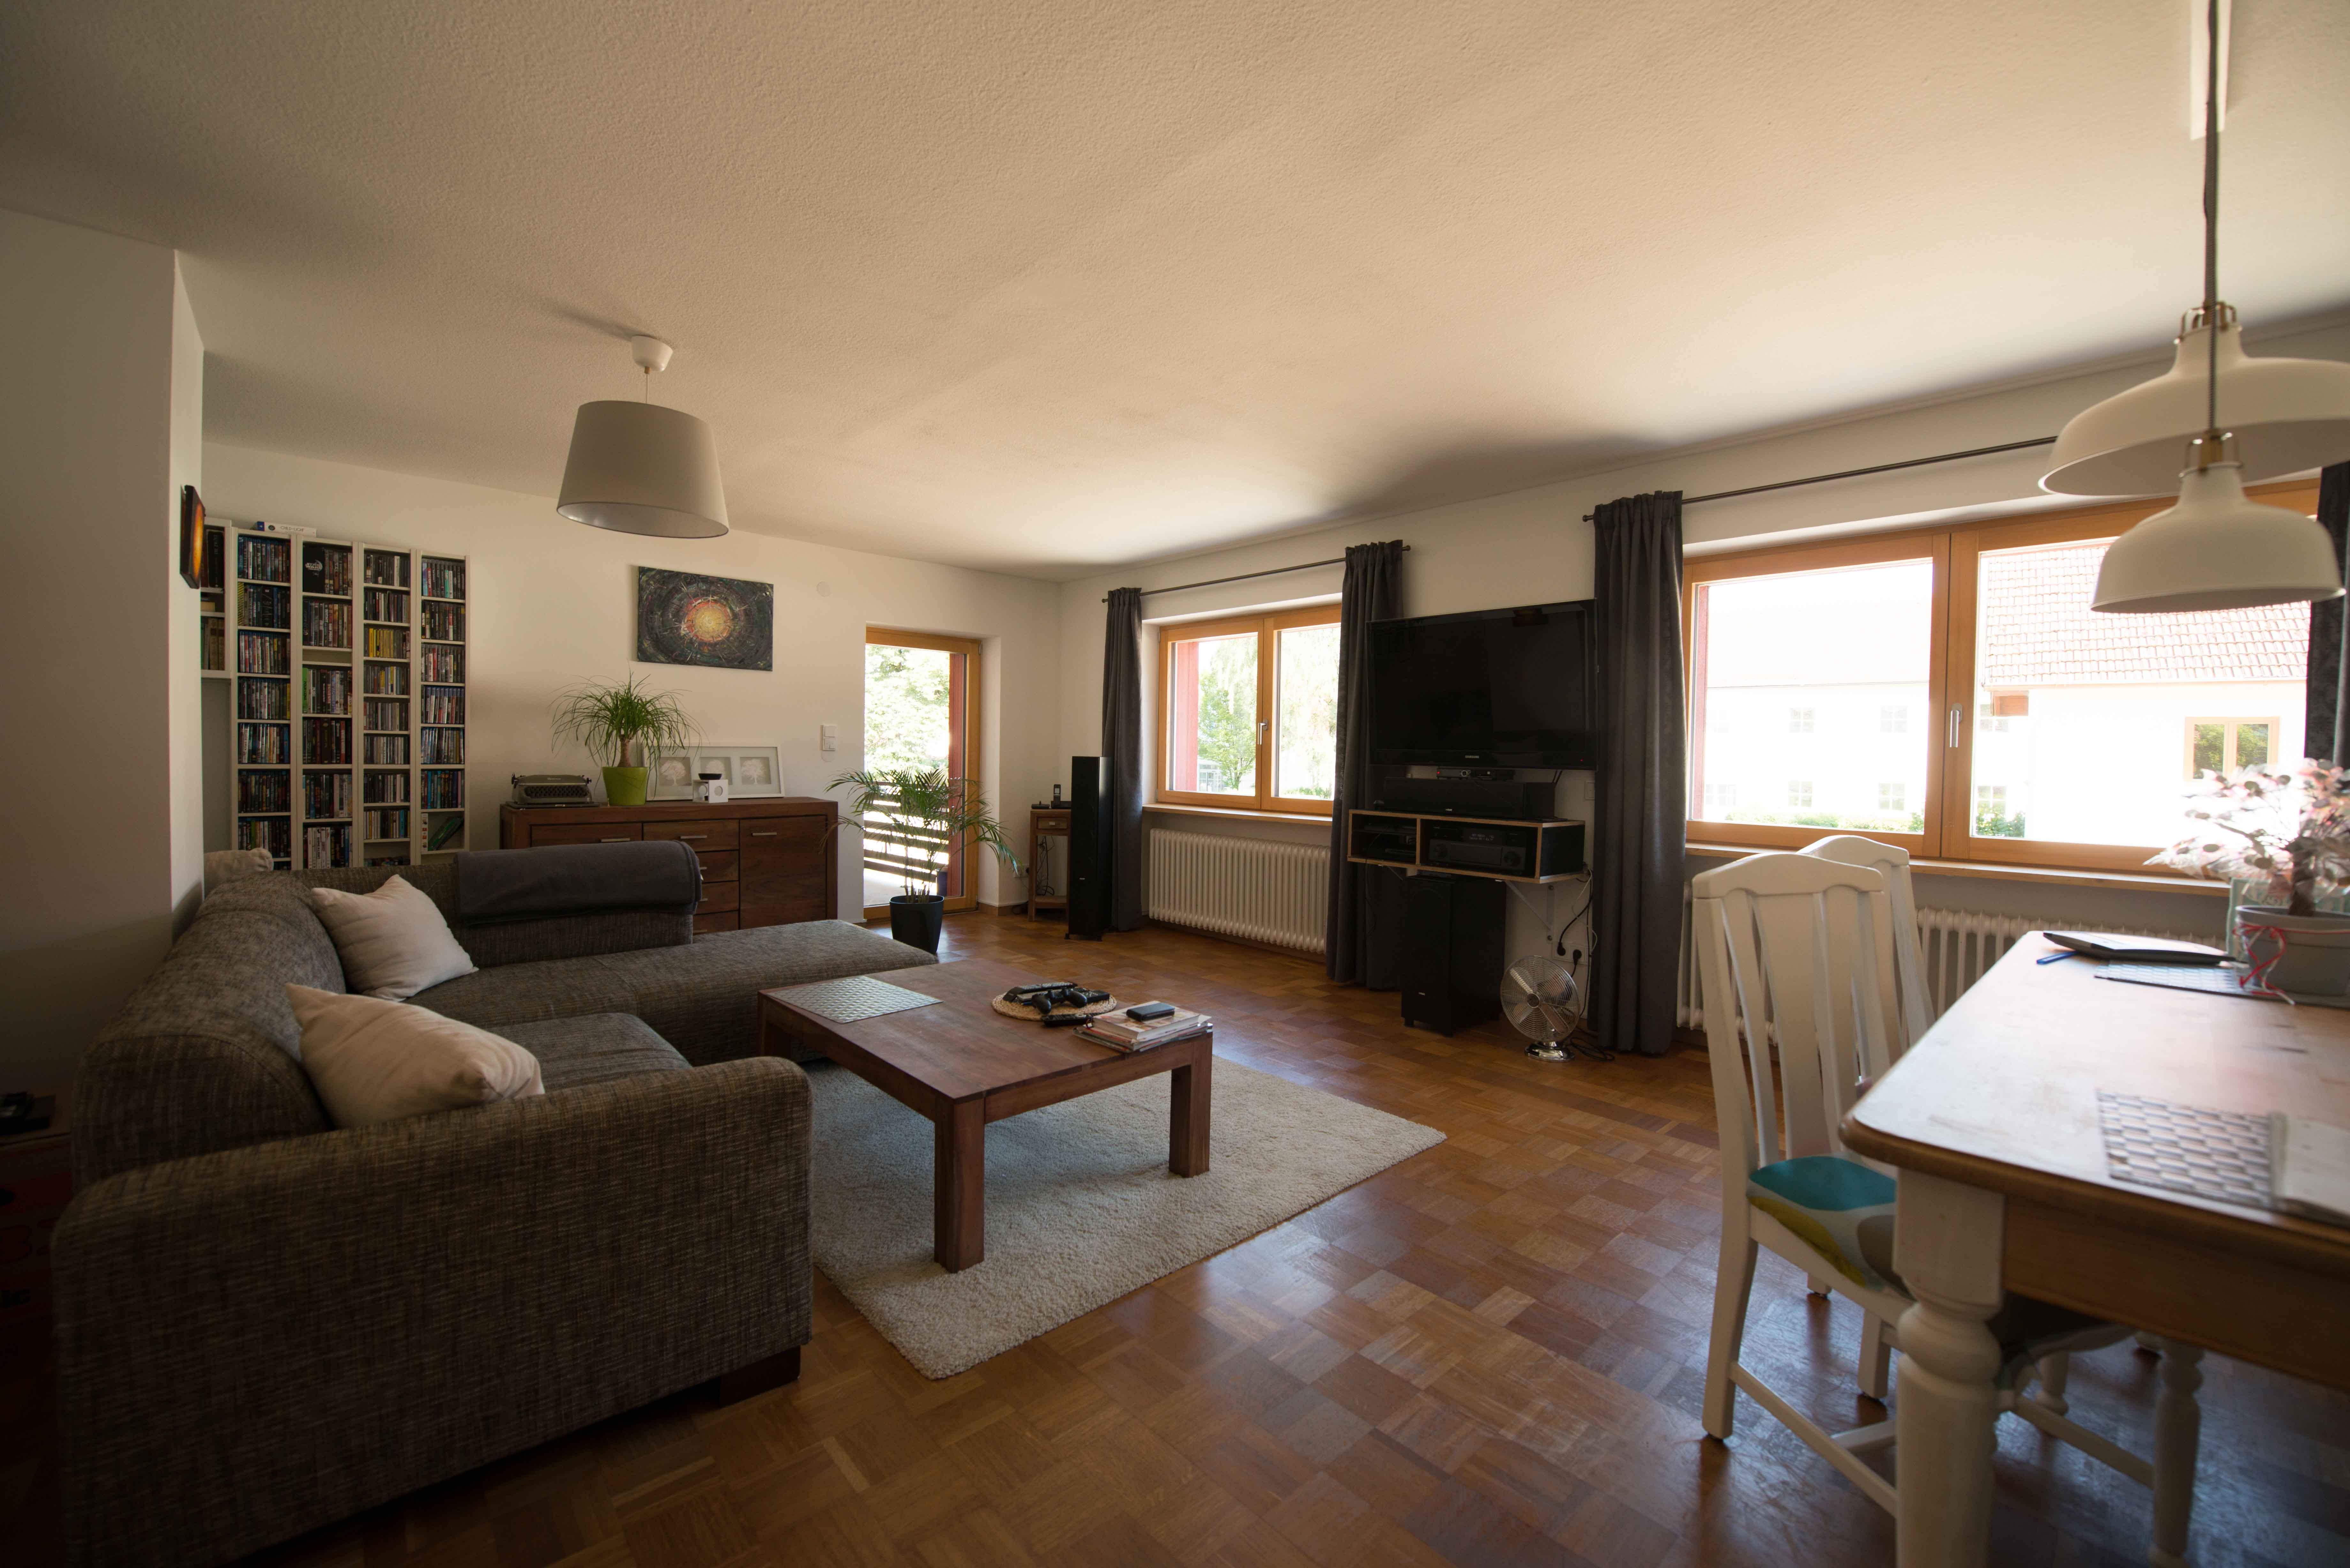 energetische sanierung fuchstal asch sanierung zum effizienzhaus 70 wohn und gesch ftshaus. Black Bedroom Furniture Sets. Home Design Ideas